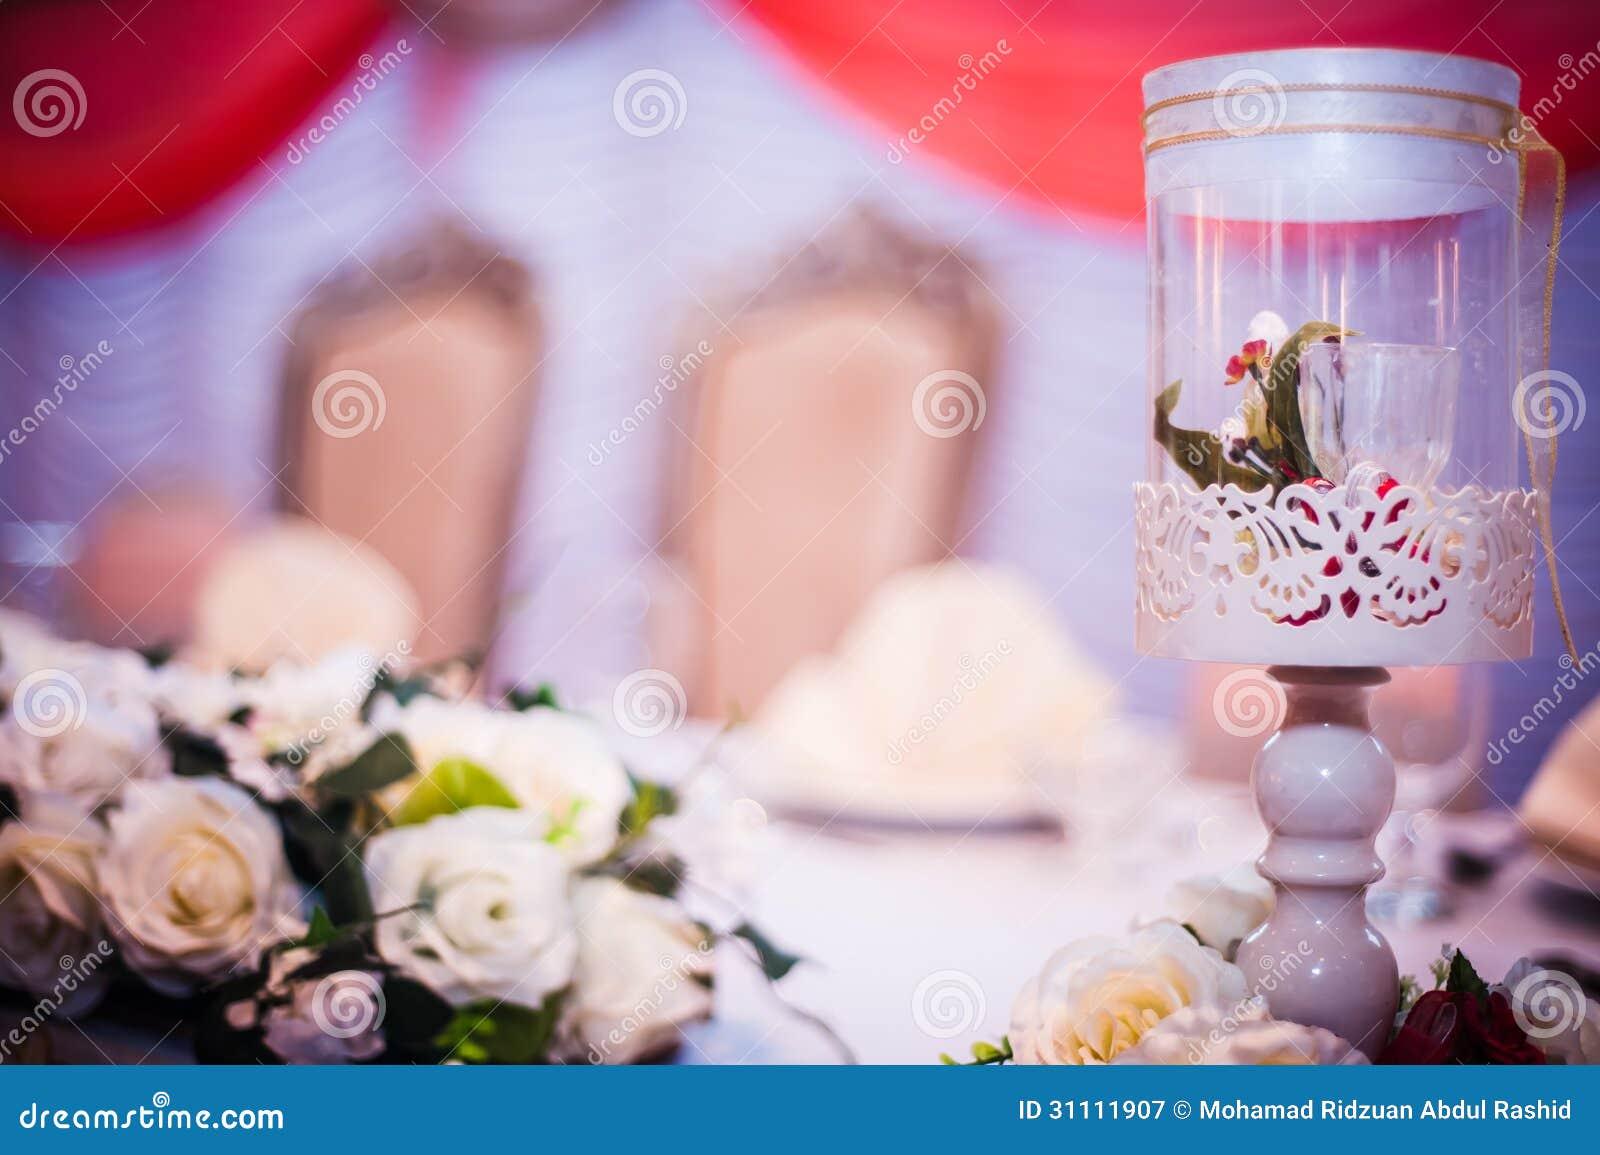 Decoratie op eettafel stock afbeelding afbeelding for Decoratie op eettafel